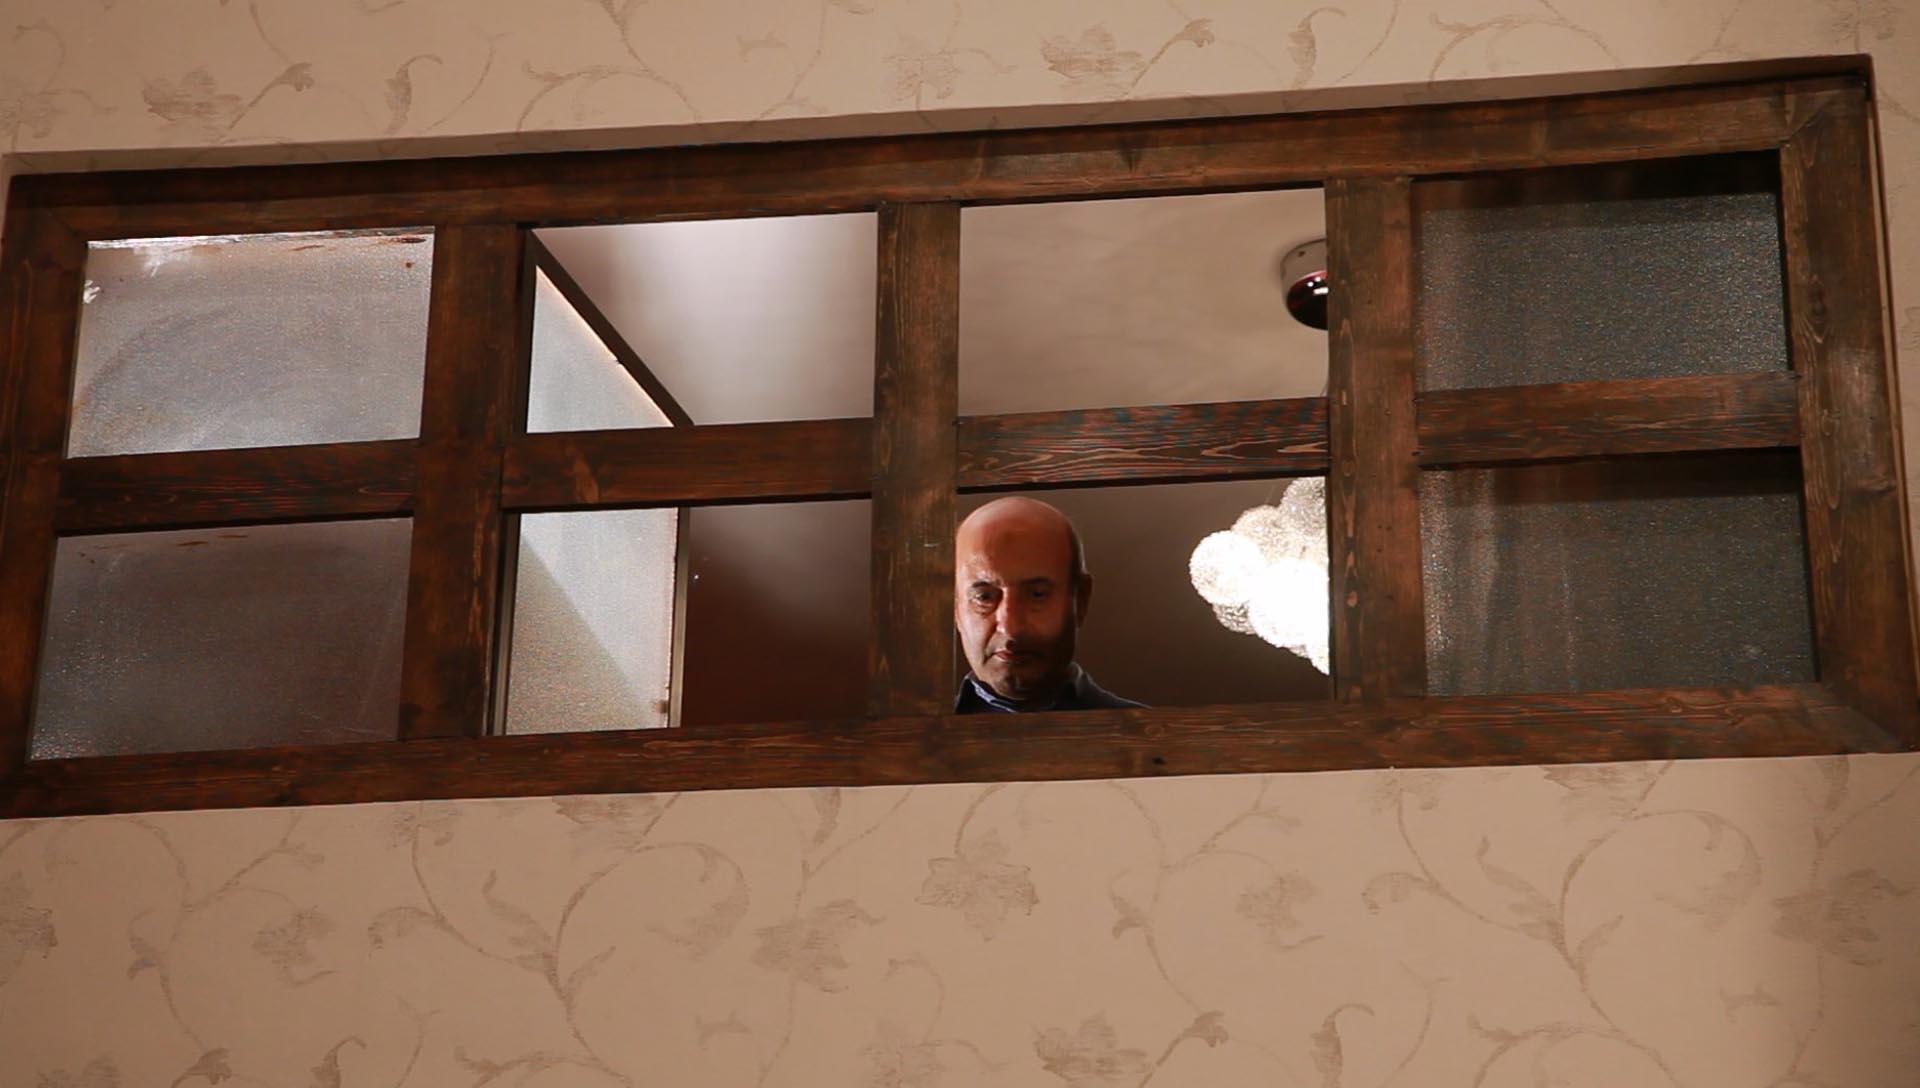 به جا مانده عکس 07- شرکت فیلم سازی زوم شیراز برادران شریفی